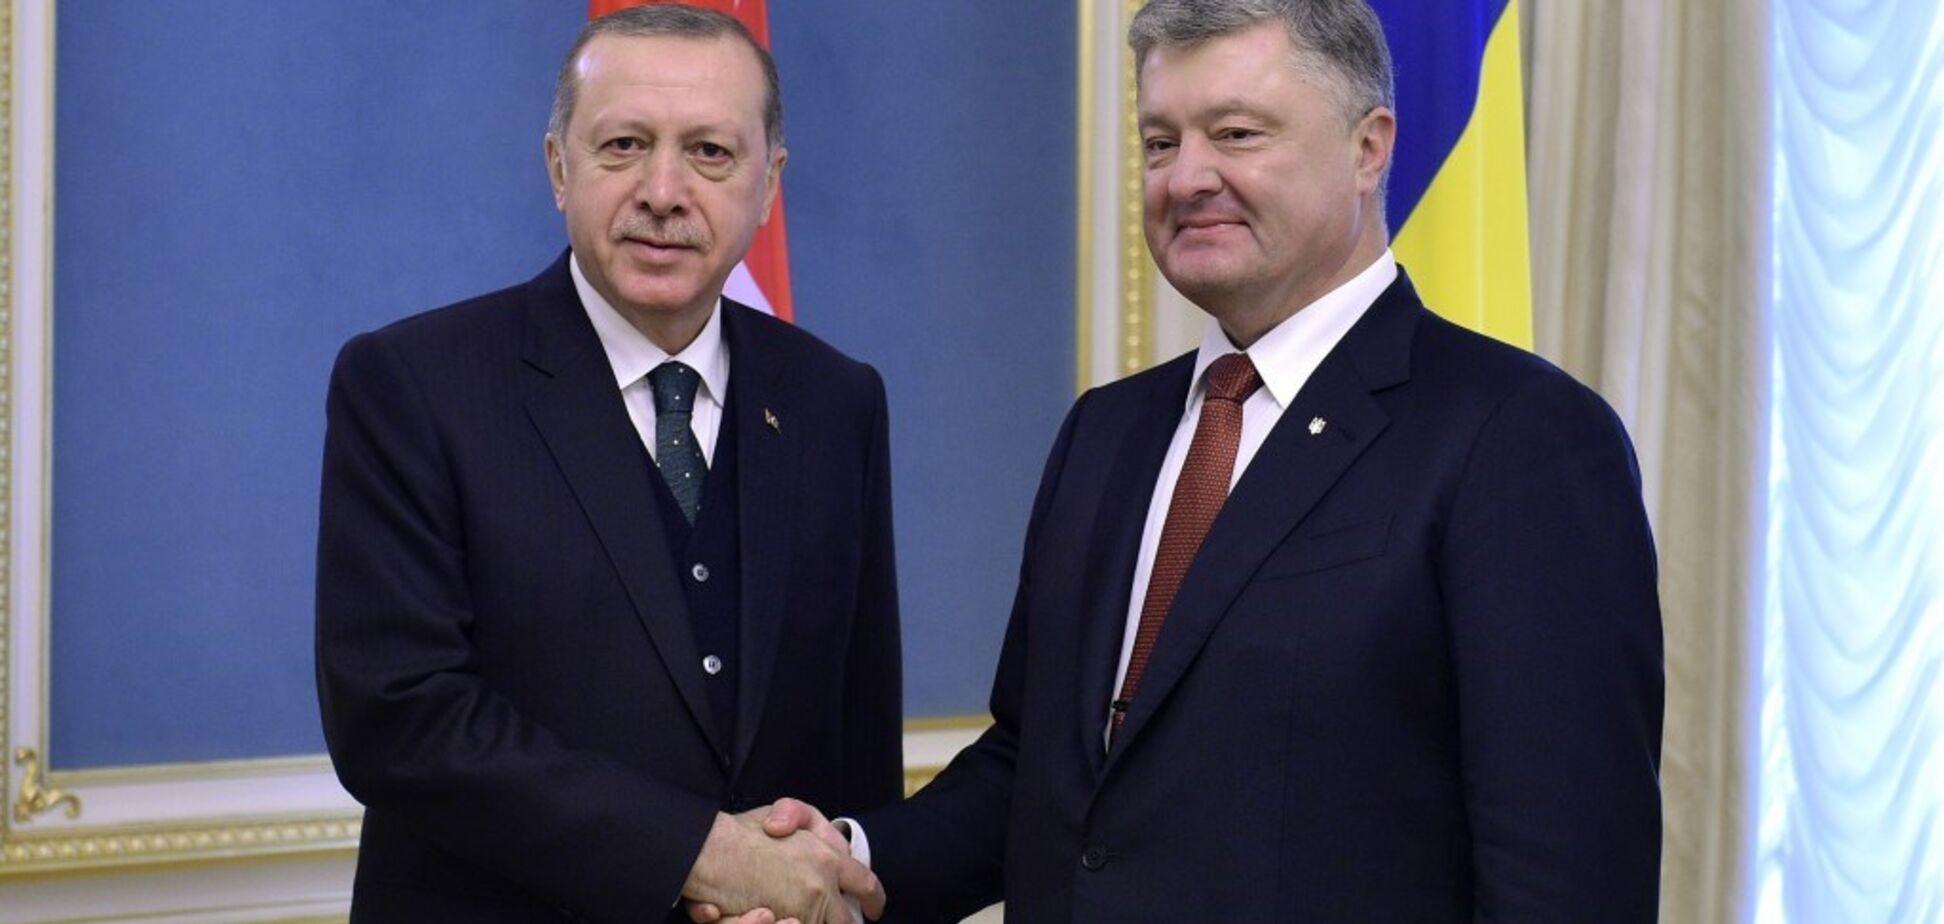 'Просто подыгрывал': оккупанты отреагировали на крымскую 'оплеуху' Эрдогана